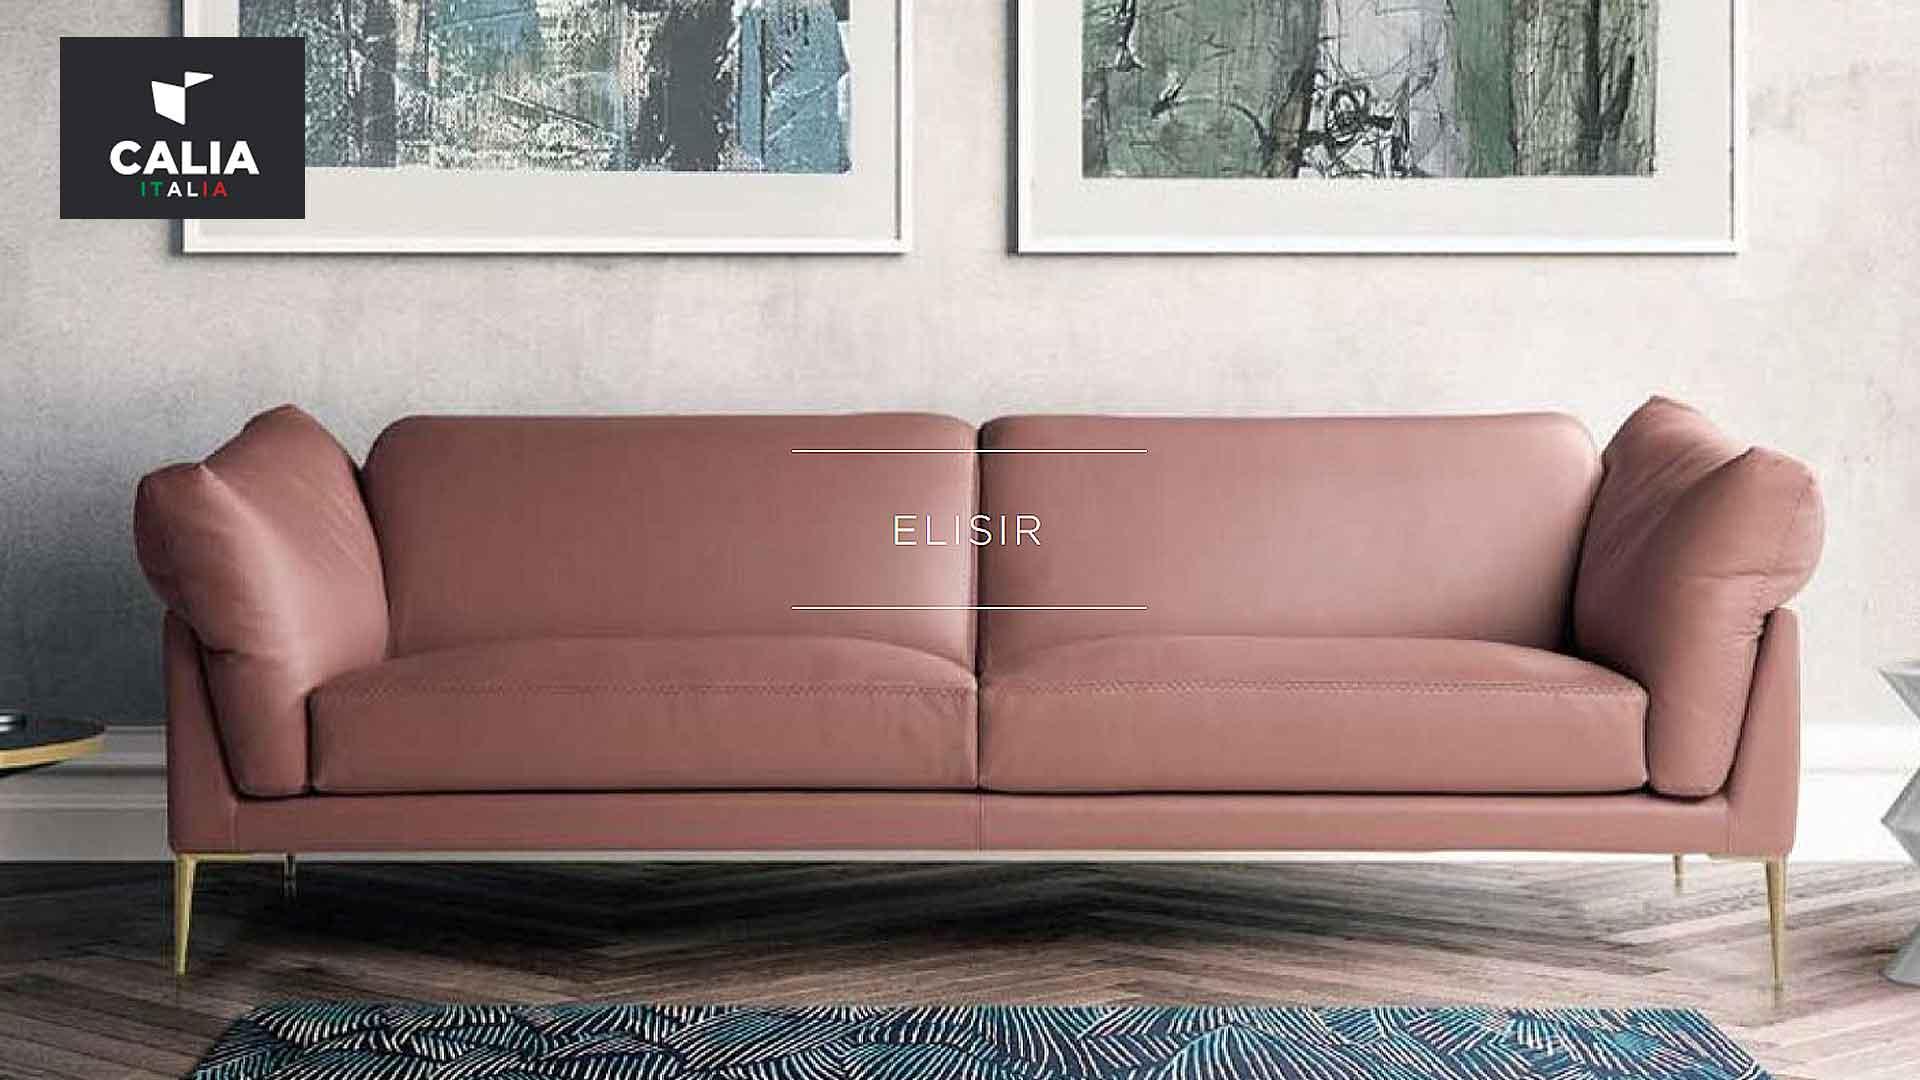 イタリアソファのカリアイタリアの三人掛けソファの画像